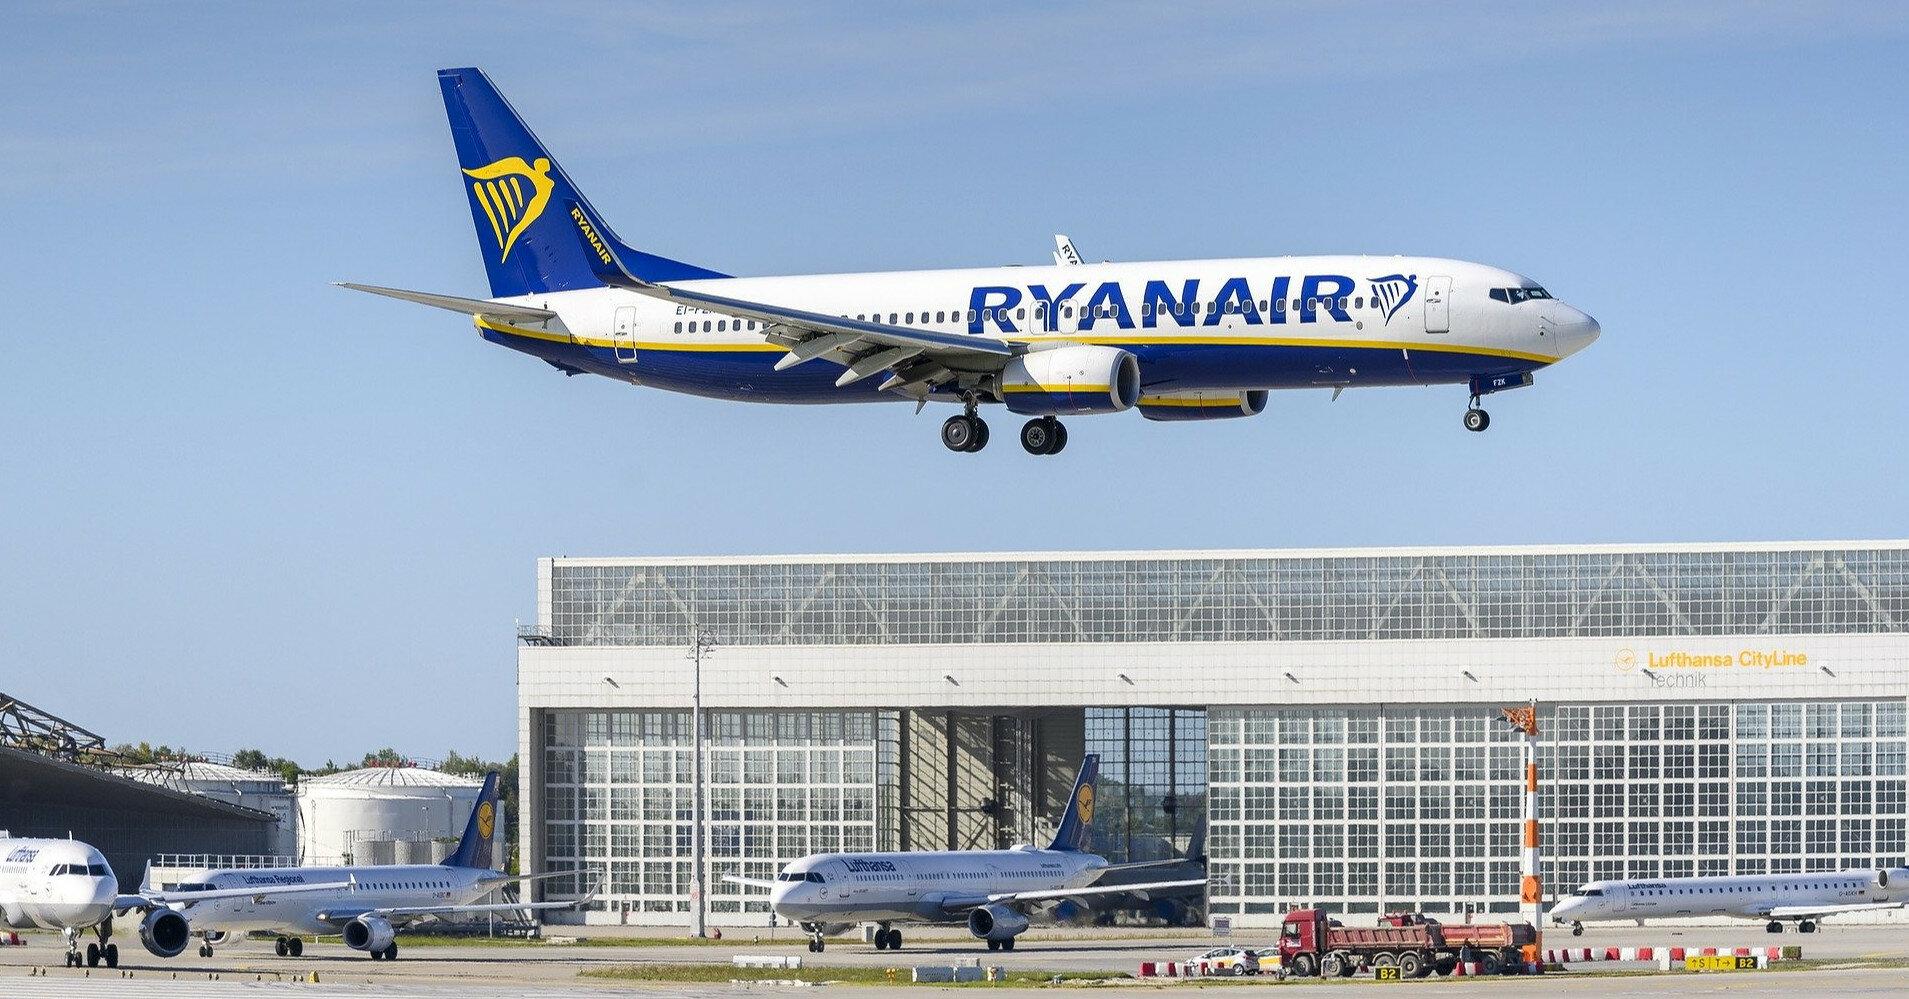 Беларусь не дала пилоту связаться с Ryanair, – гендиректор компании